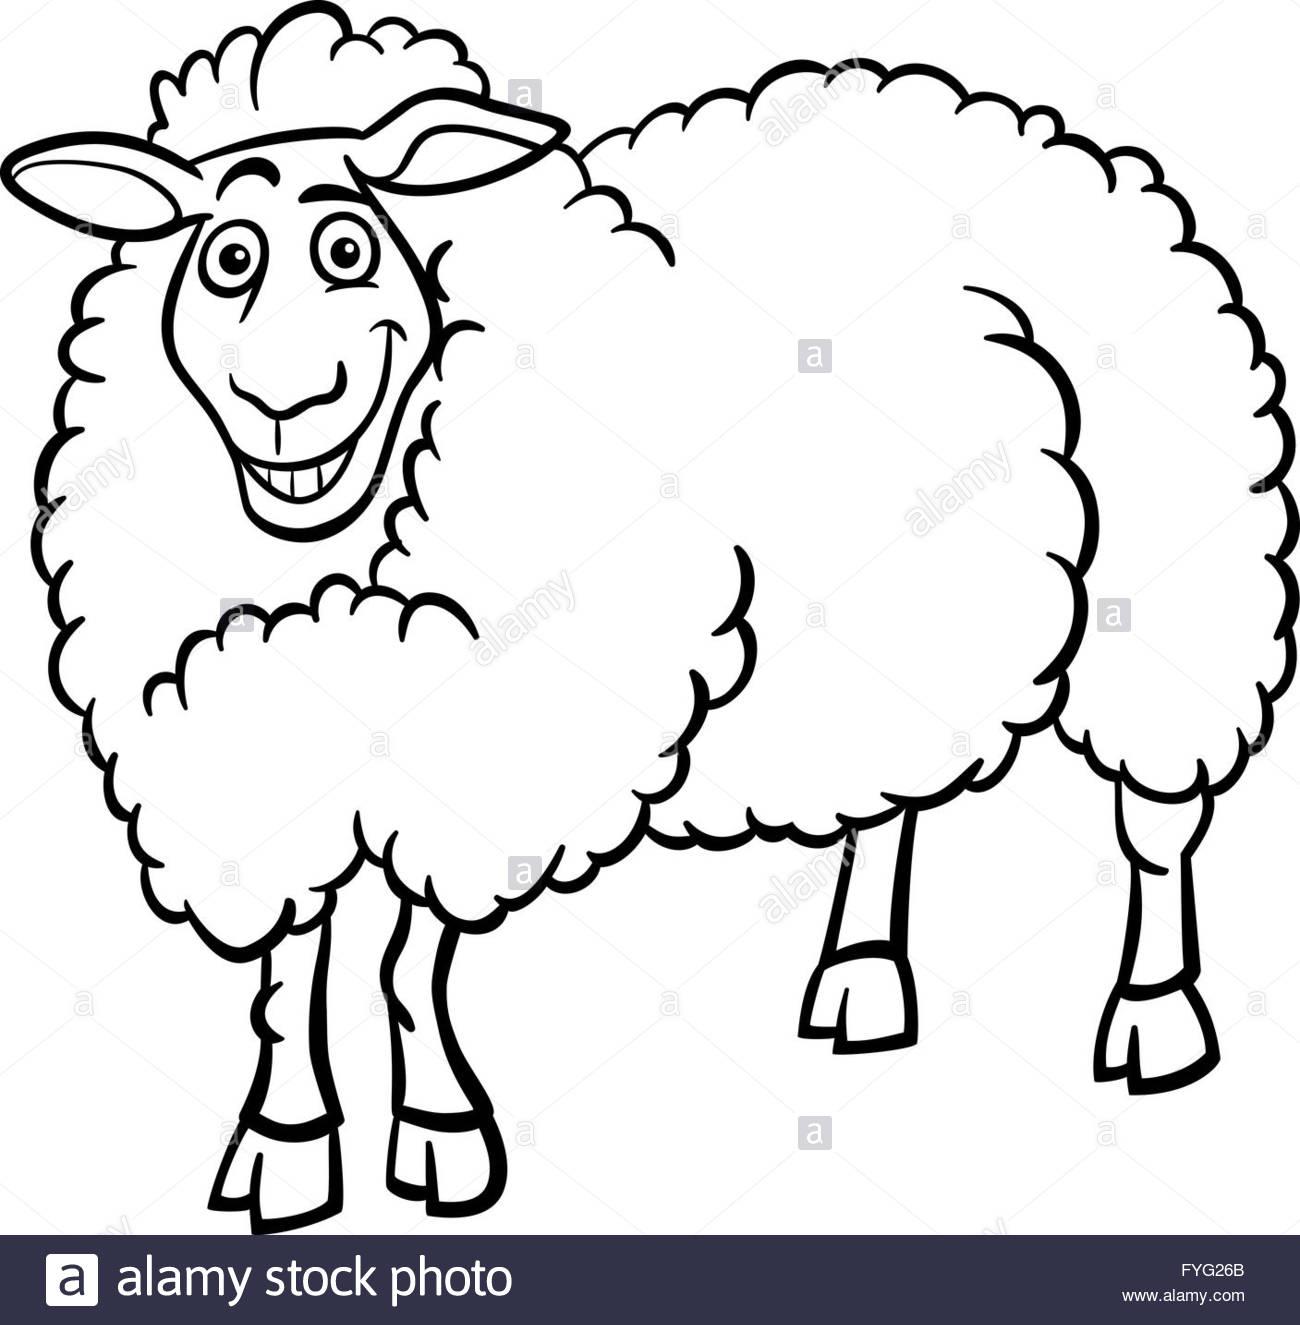 Les Moutons De La Ferme À Colorier Dessin Pour Banque D dedans Mouton À Colorier